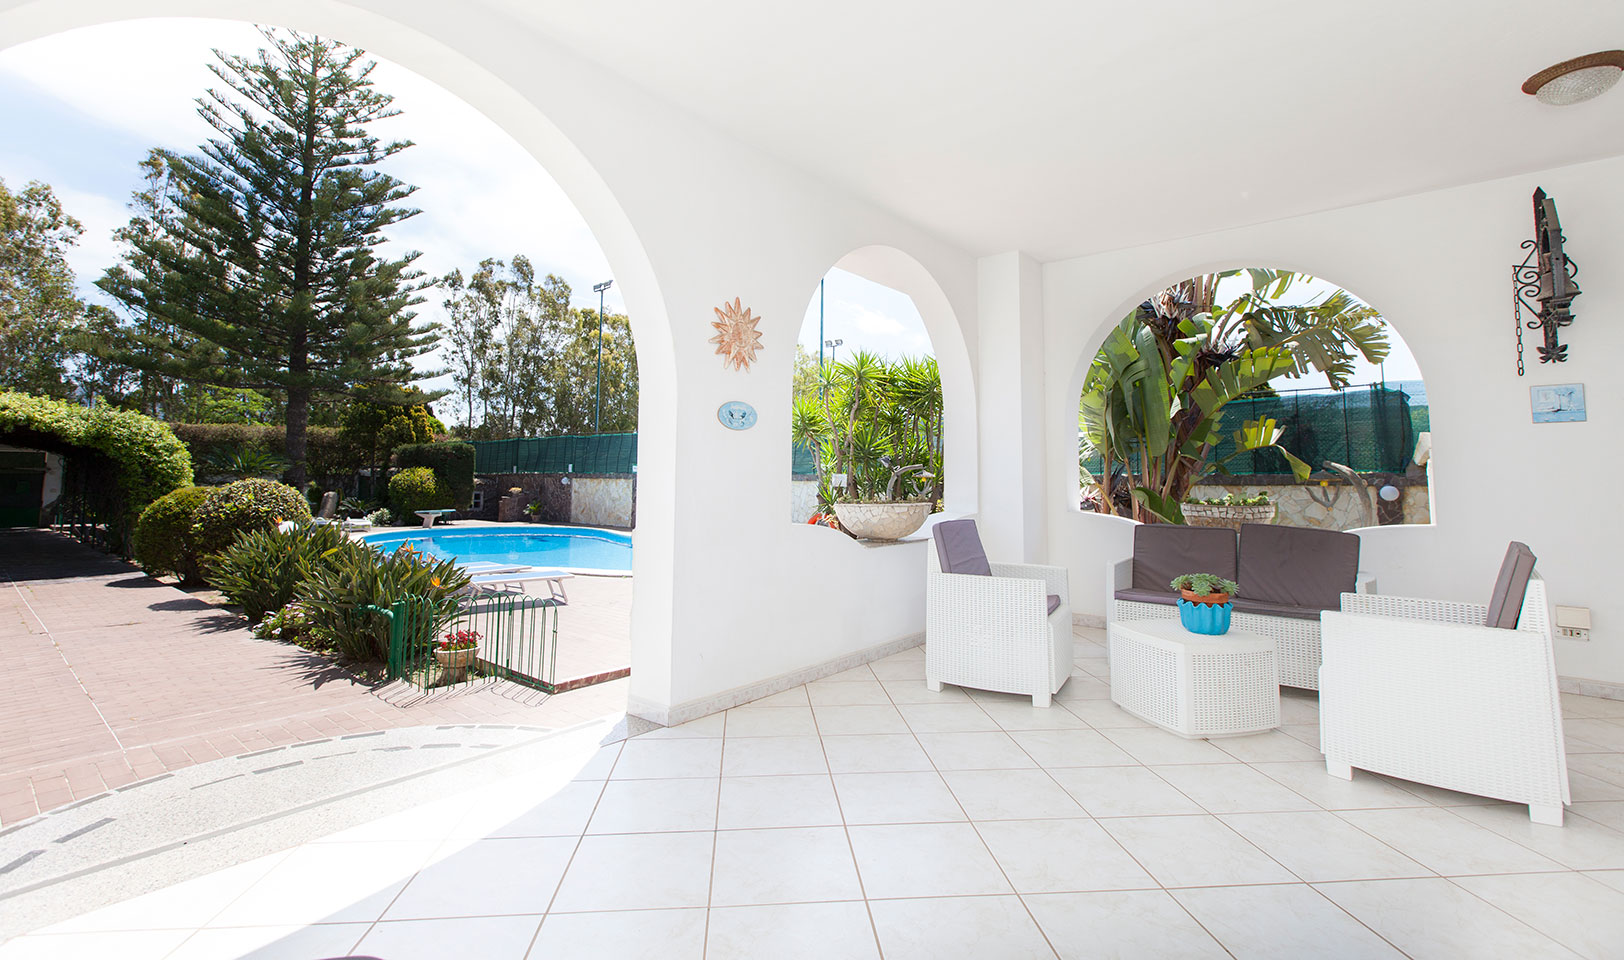 Ville con piscina sardegna - Casa vacanza con piscina ...